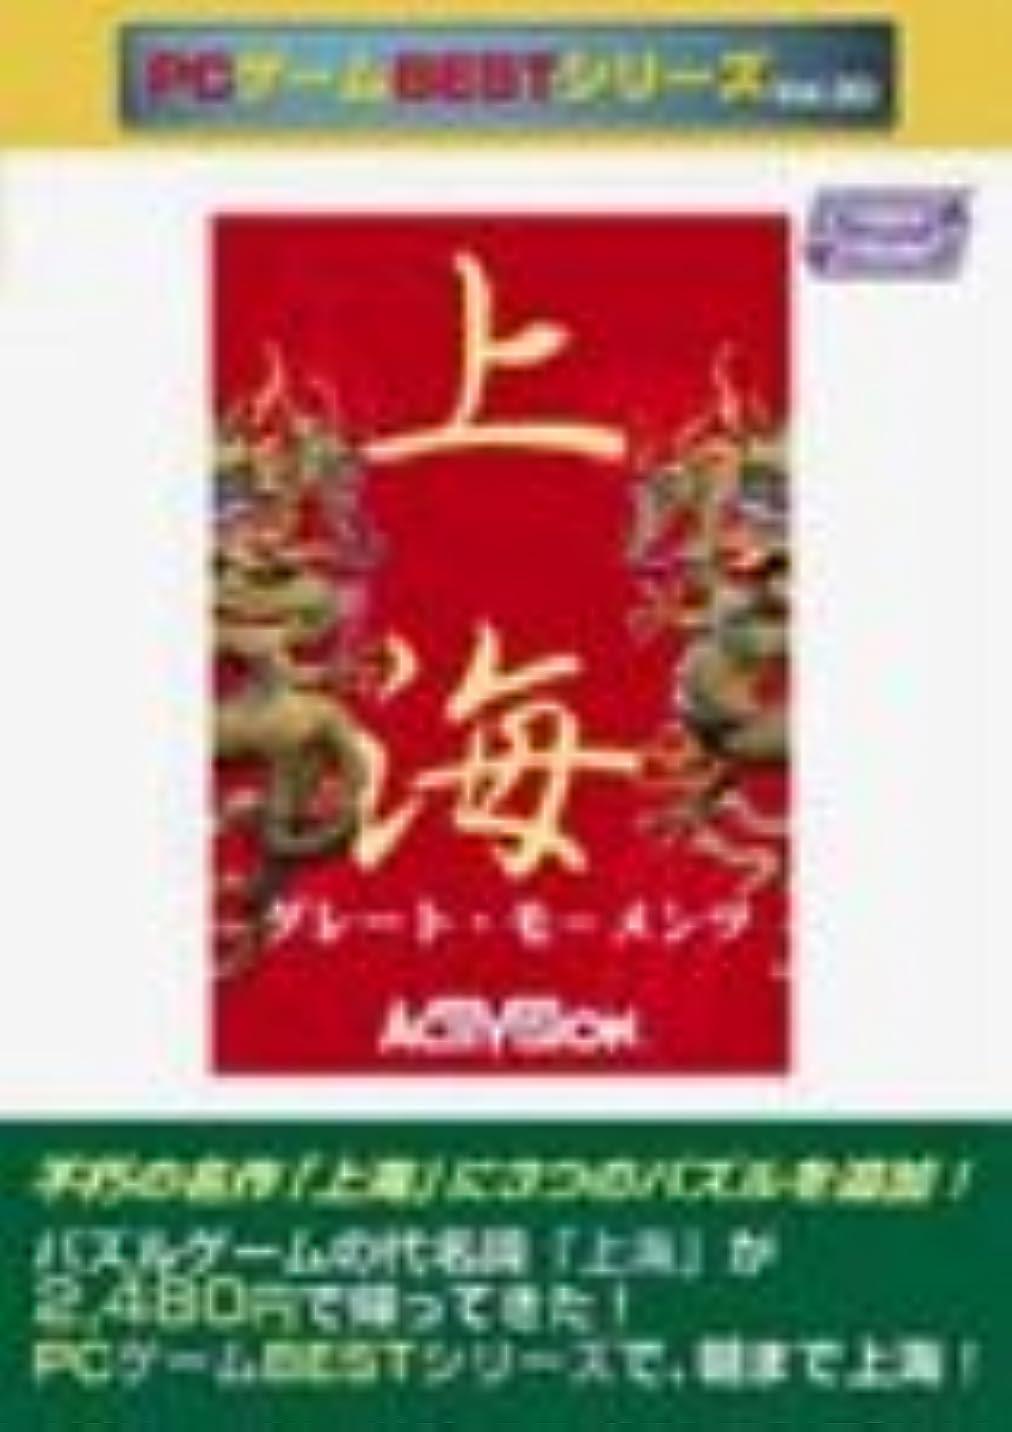 土砂降りバリーデッキPCゲームBestシリーズ Vol.30 上海グレートモーメンツ